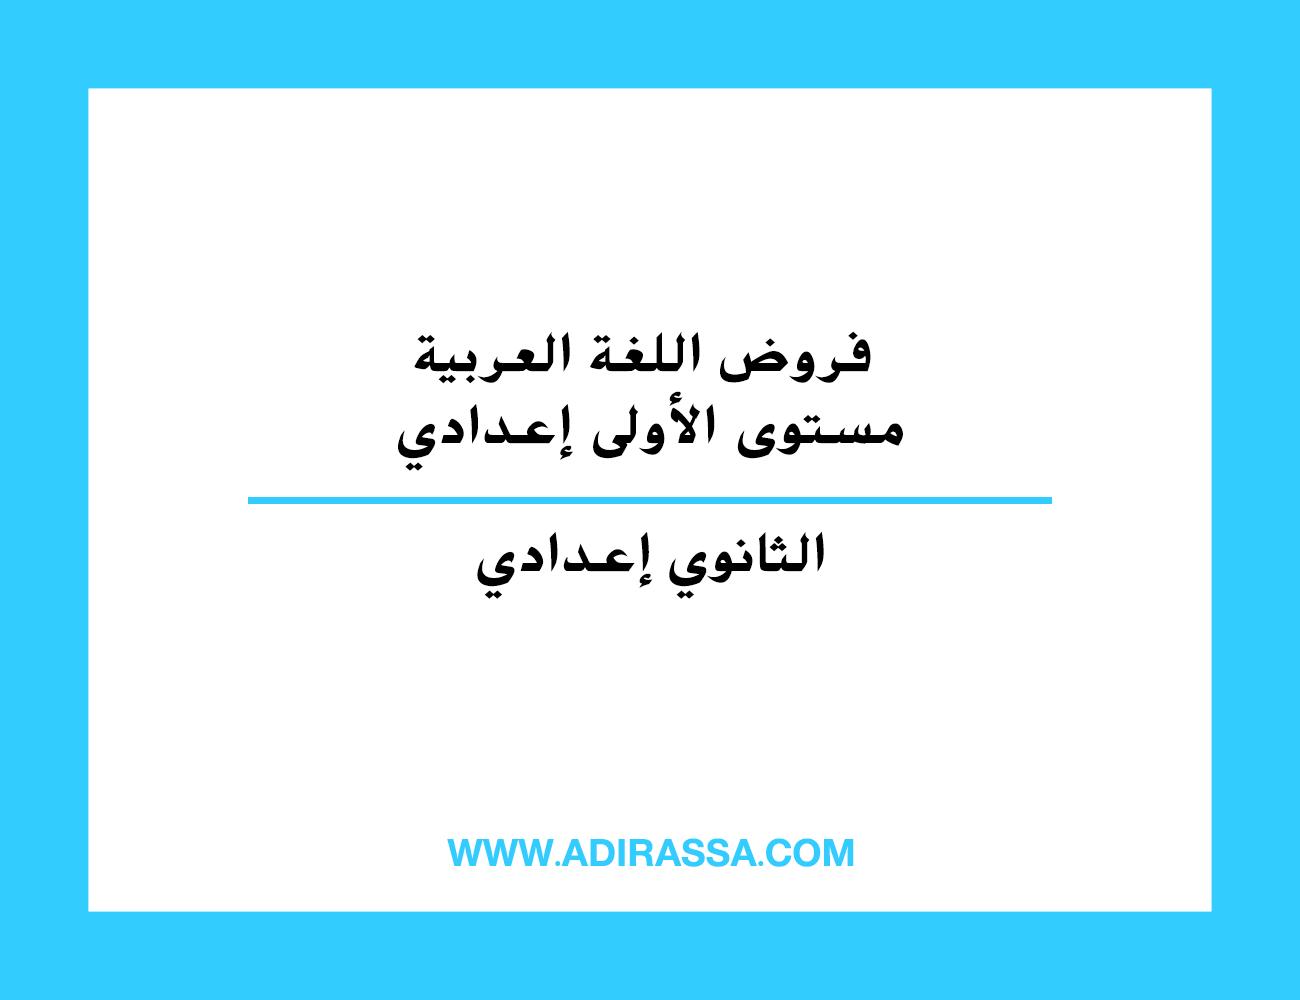 فروض اللغة العربية مستوى الأولى إعدادي المقررة في المدرسة المغربية